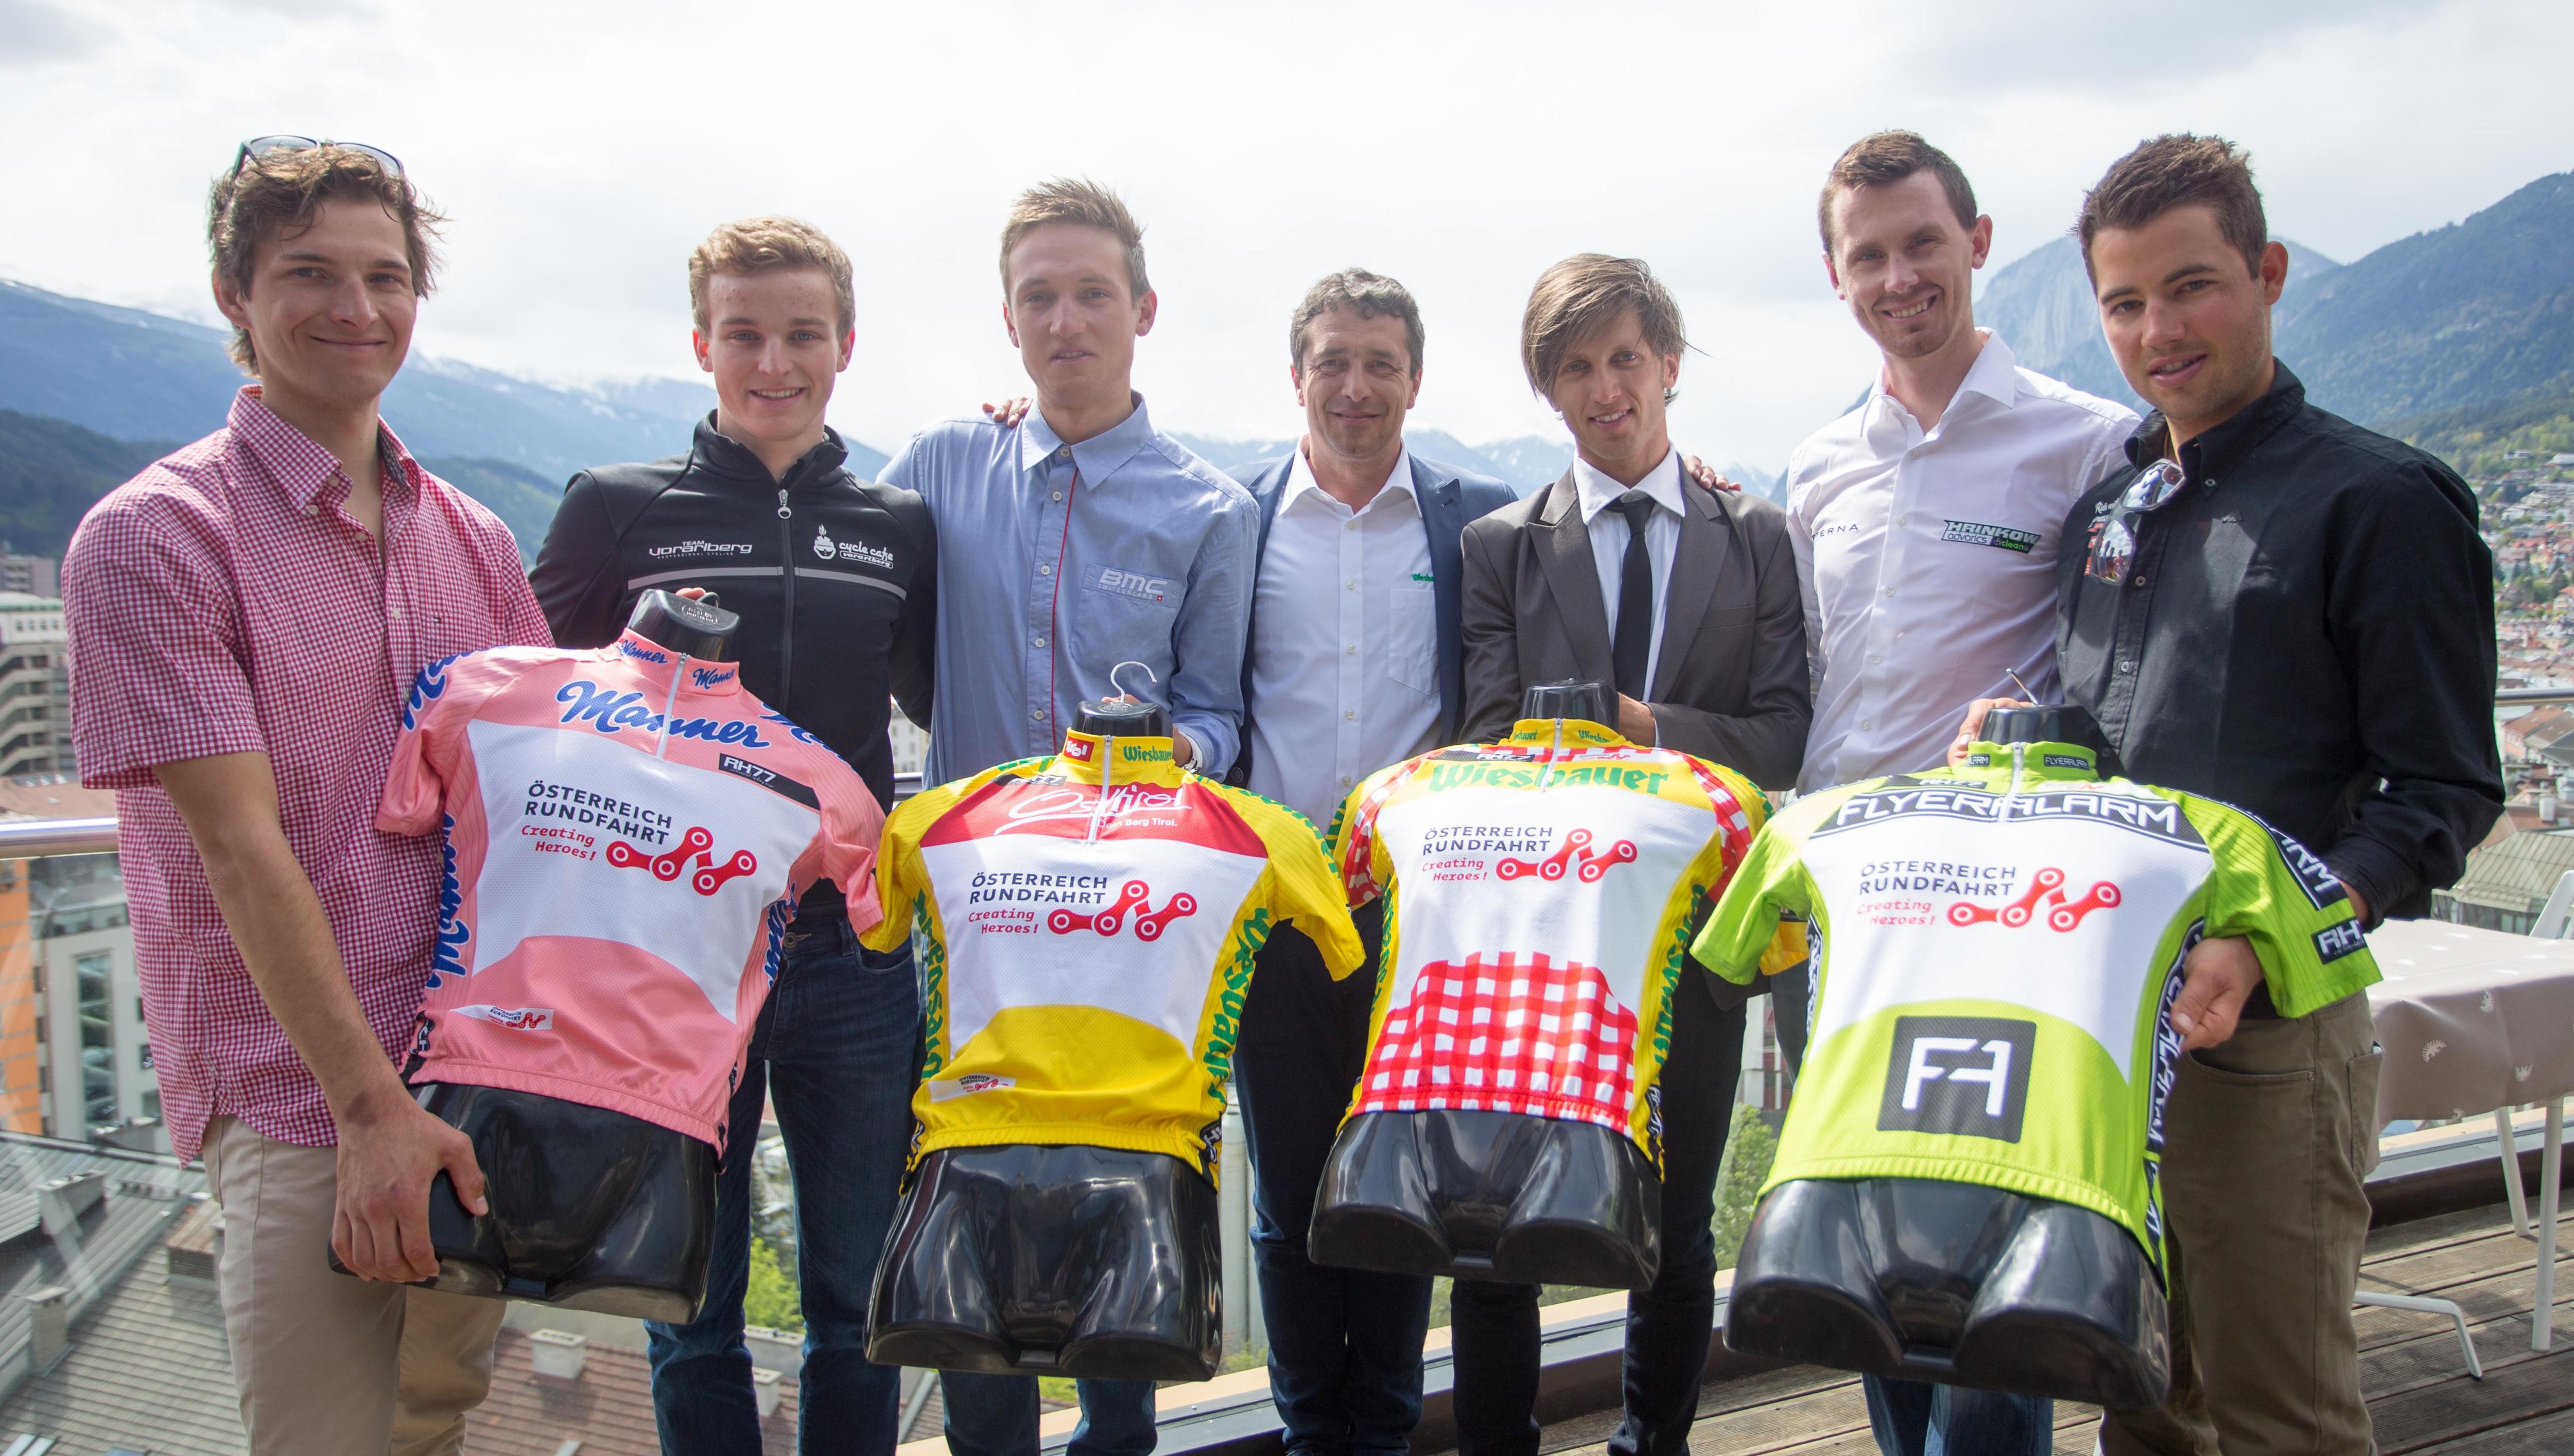 Heimische Radprofis mit Tour-Direktor Wolfgang Weiss und den Führungstrikots